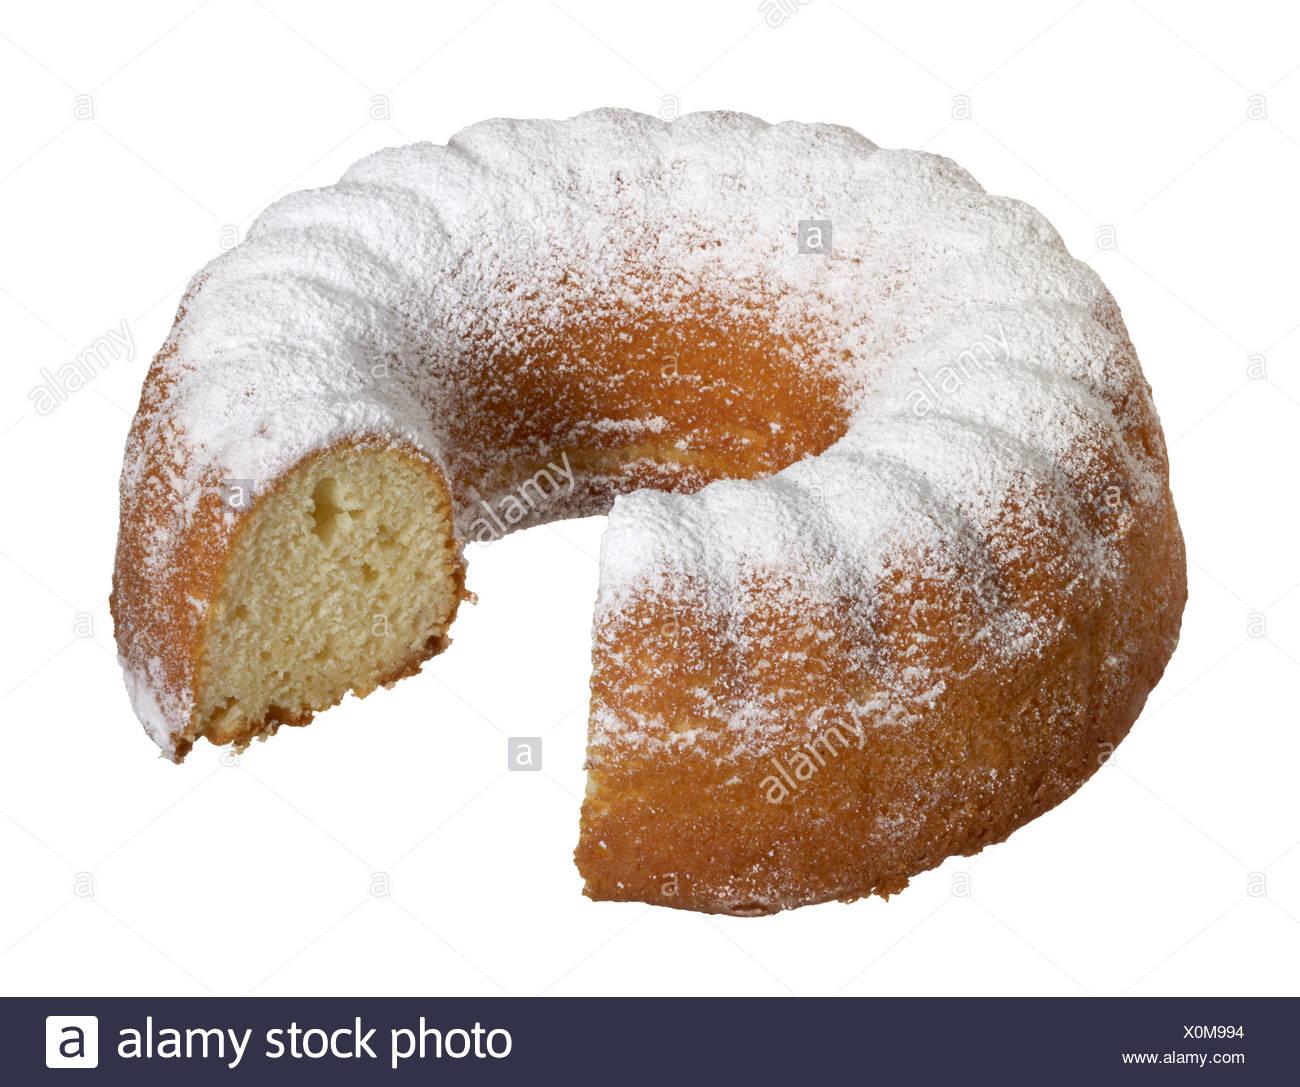 Sussigkeiten Kuchen Torte Kuchen Gebacken Kuchen Nachtisch